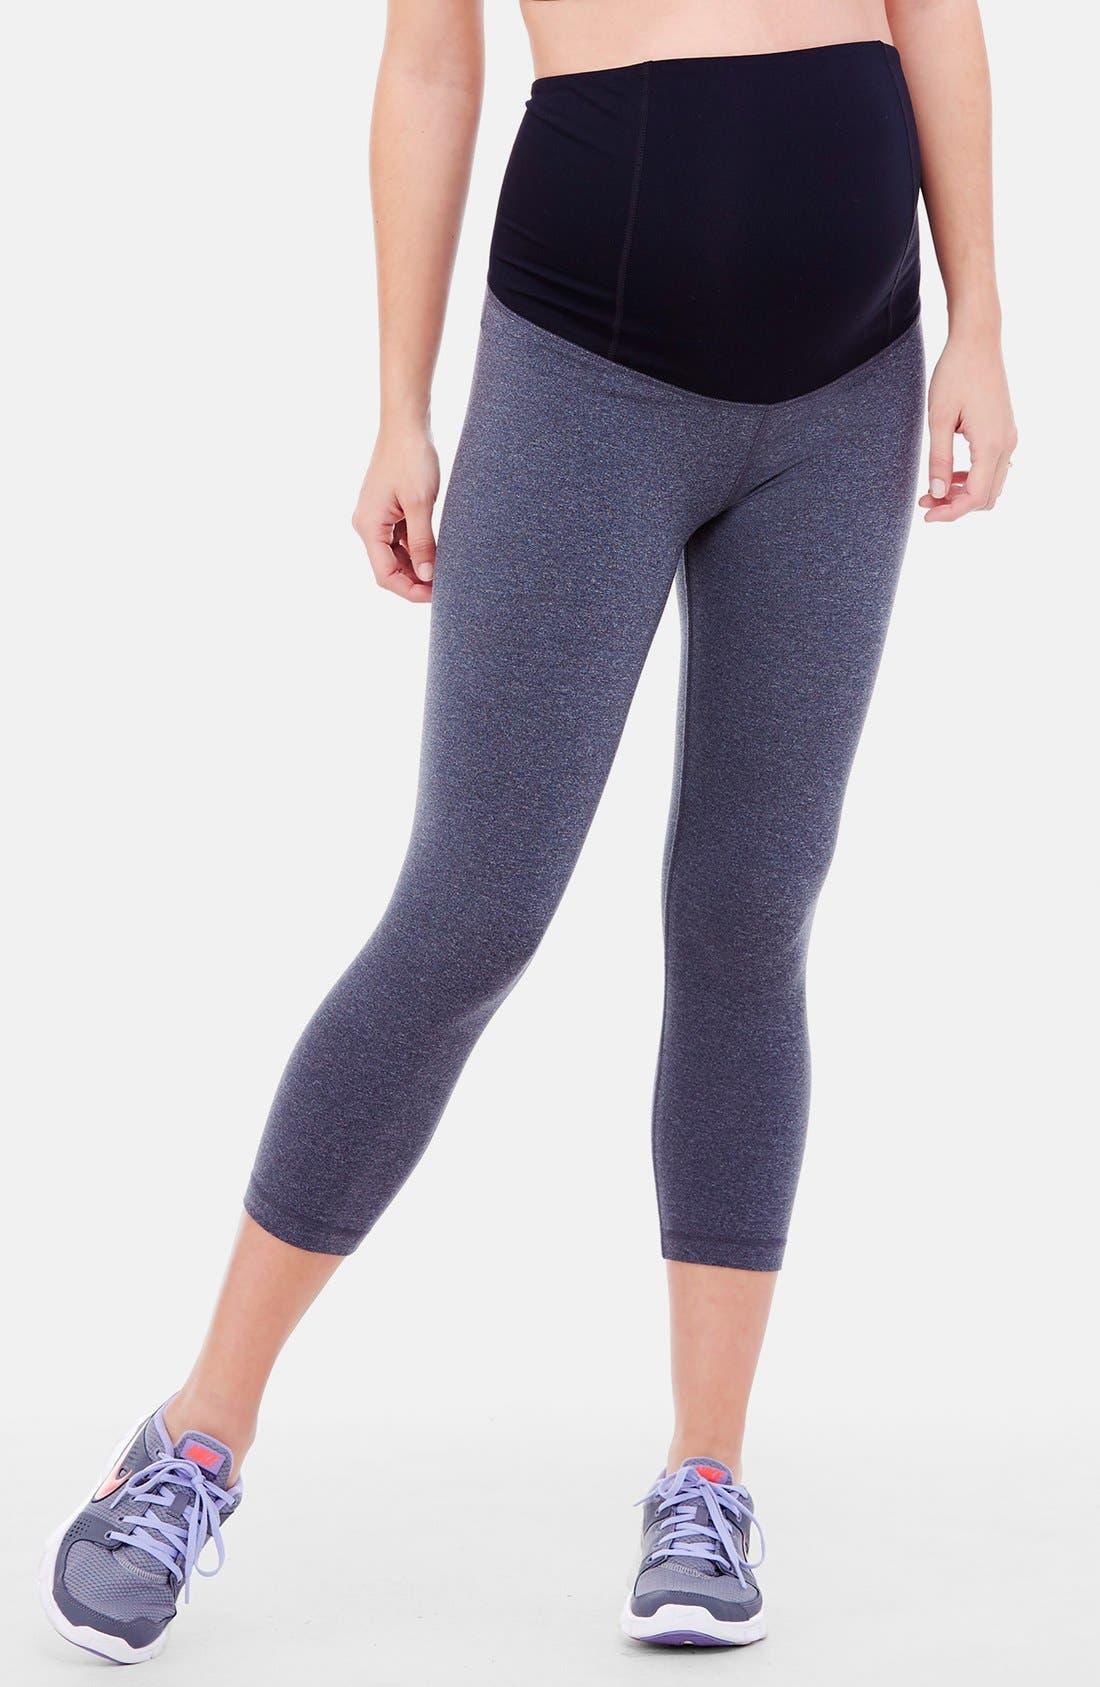 d88e614a194 women s capri pants